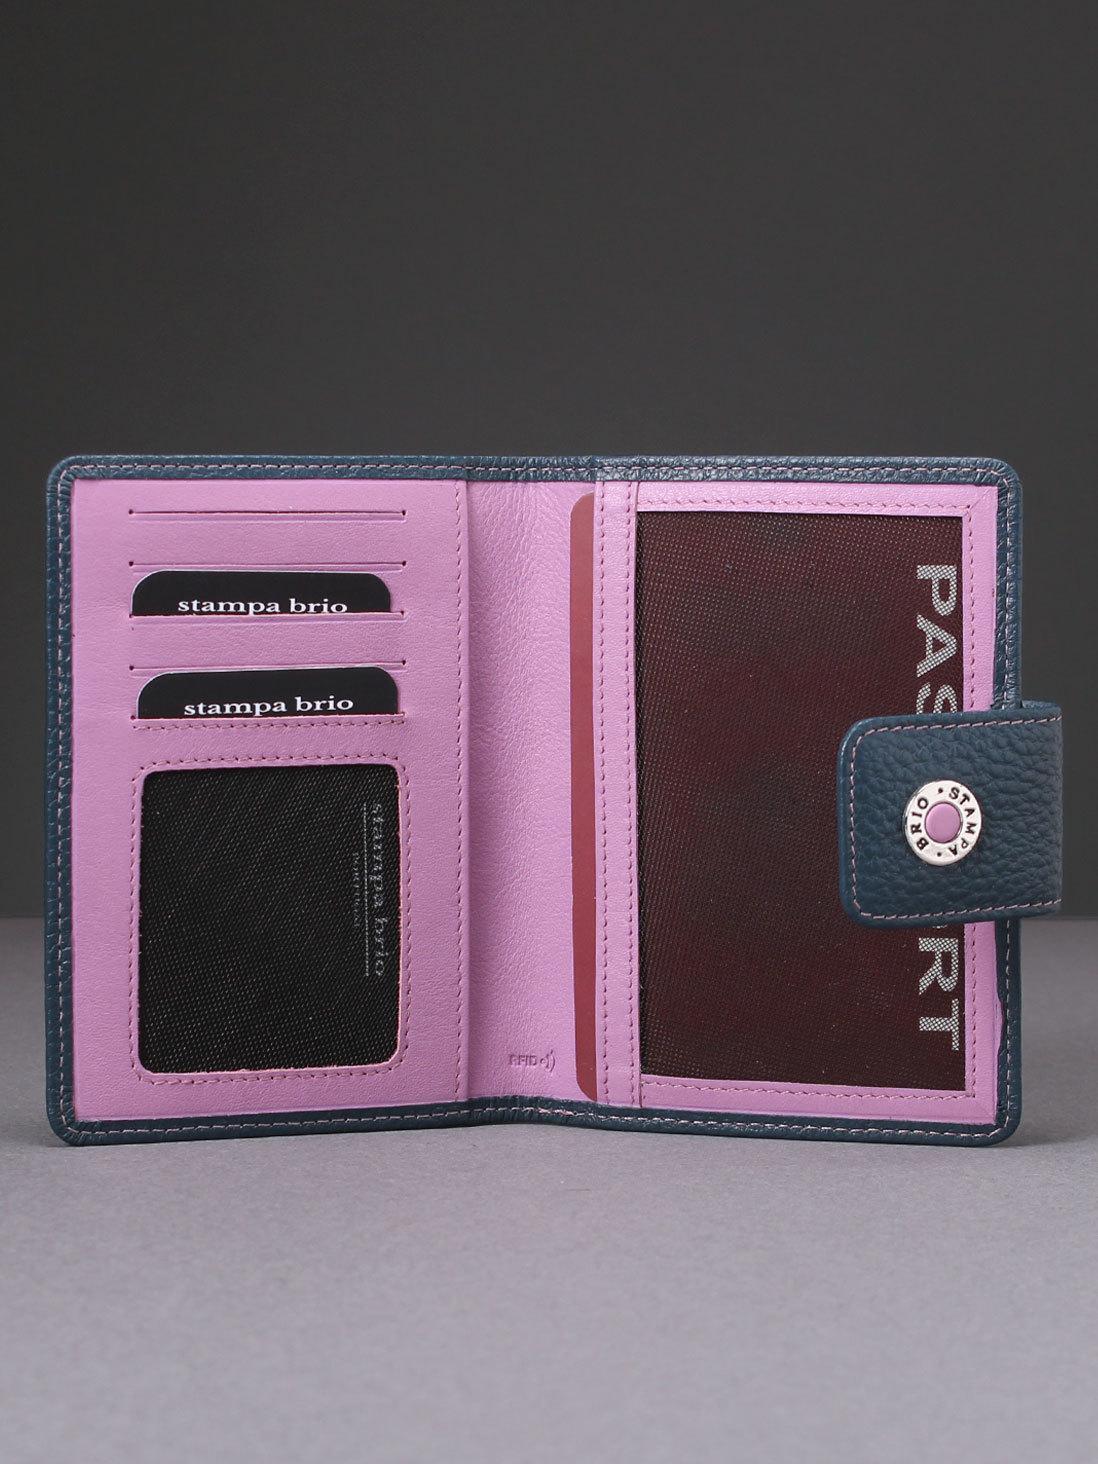 247 R - Обложка для документов с RFID защитой